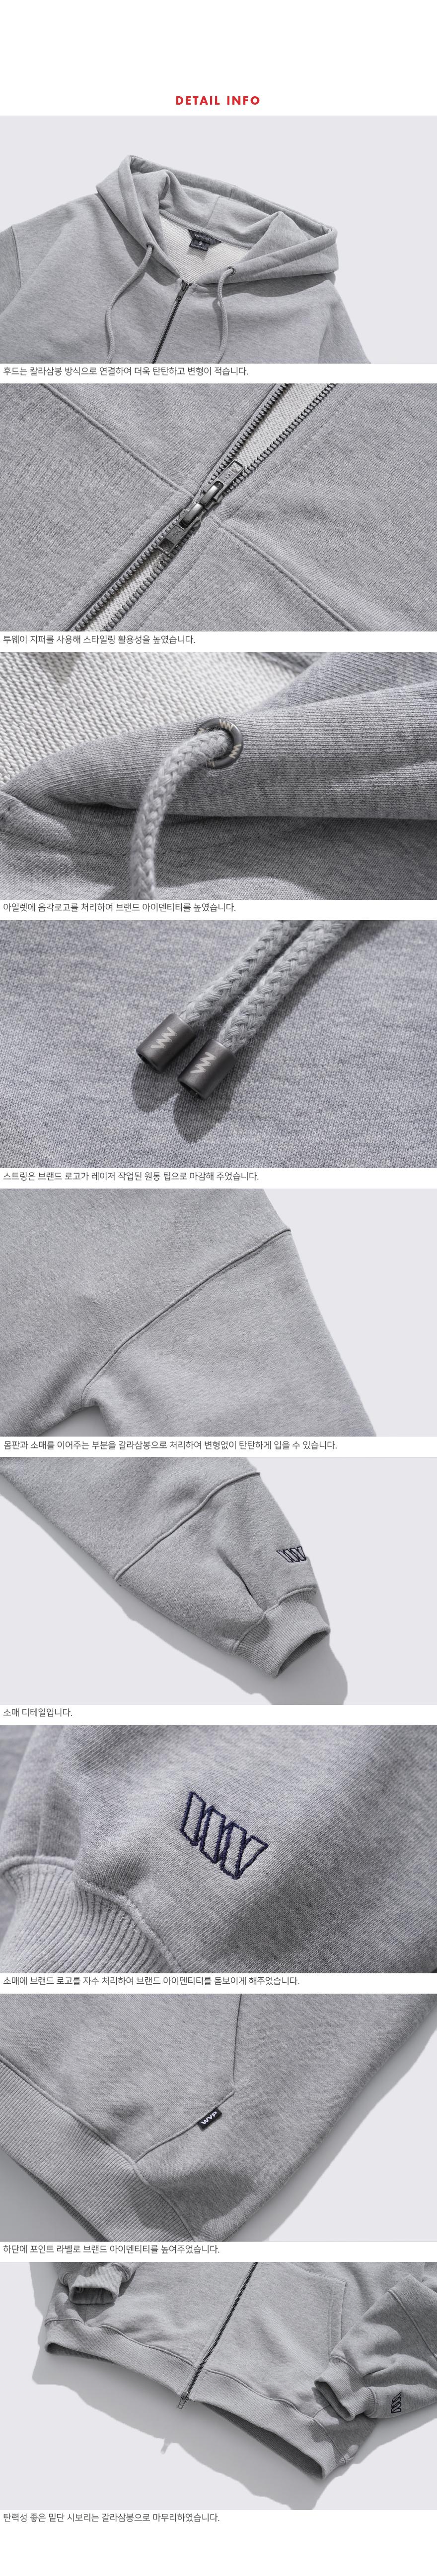 JJOT7467_detail_gray.jpg